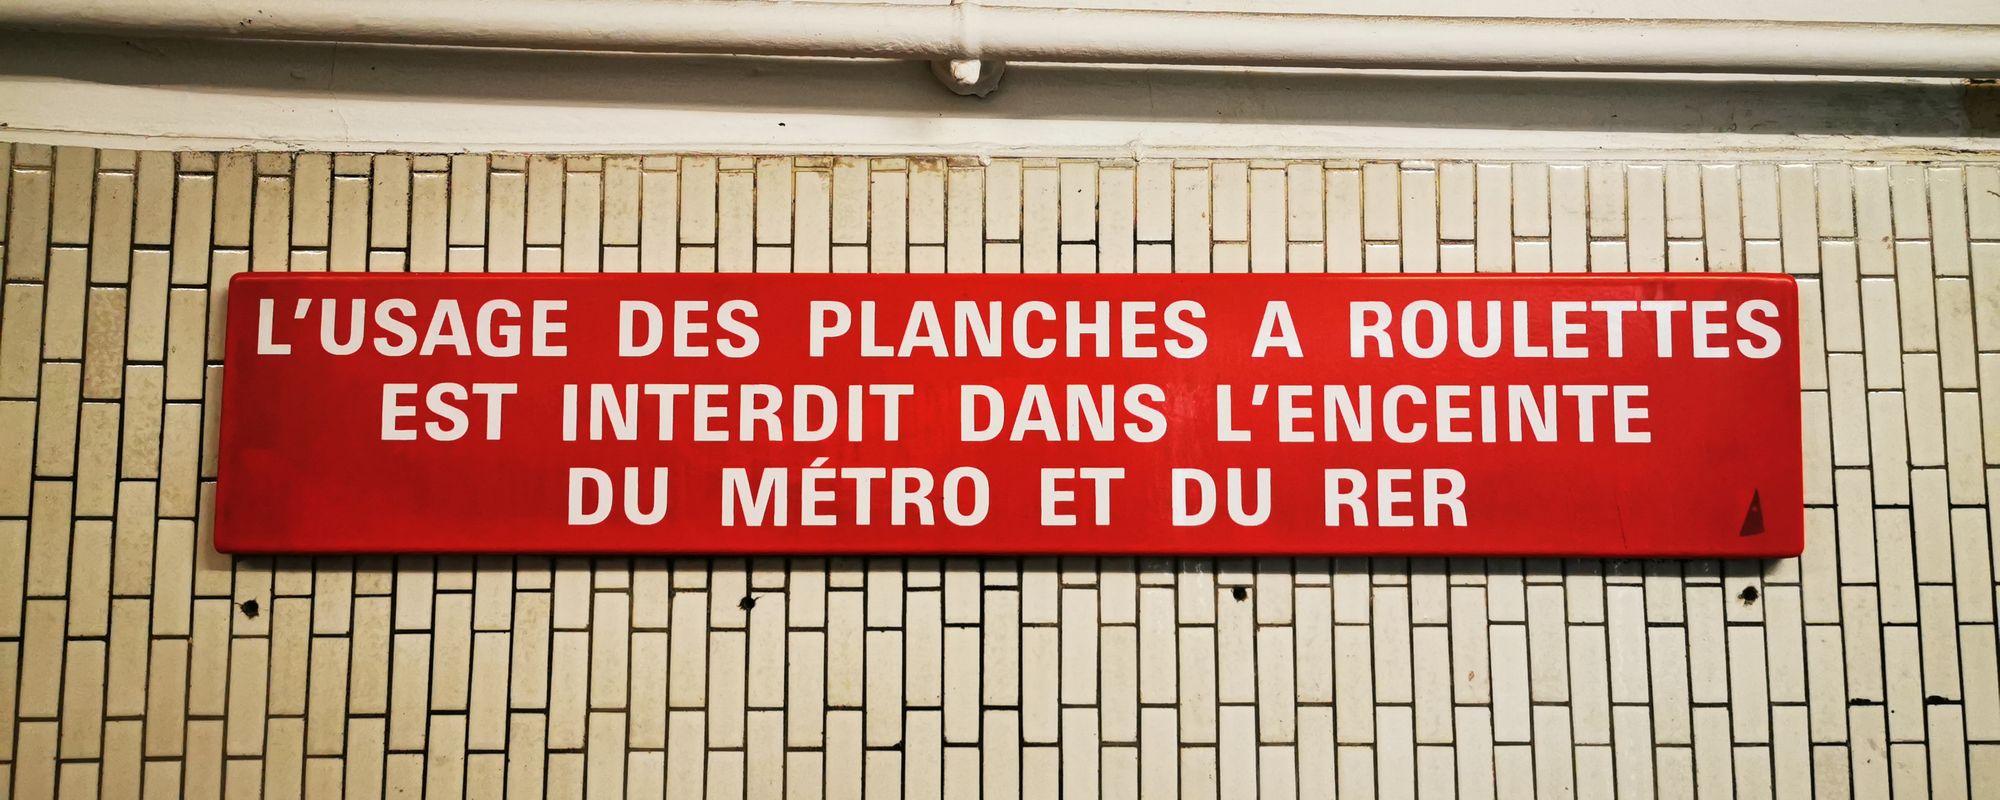 Ăsta ghid turistic, astea poze inedite din Paris!